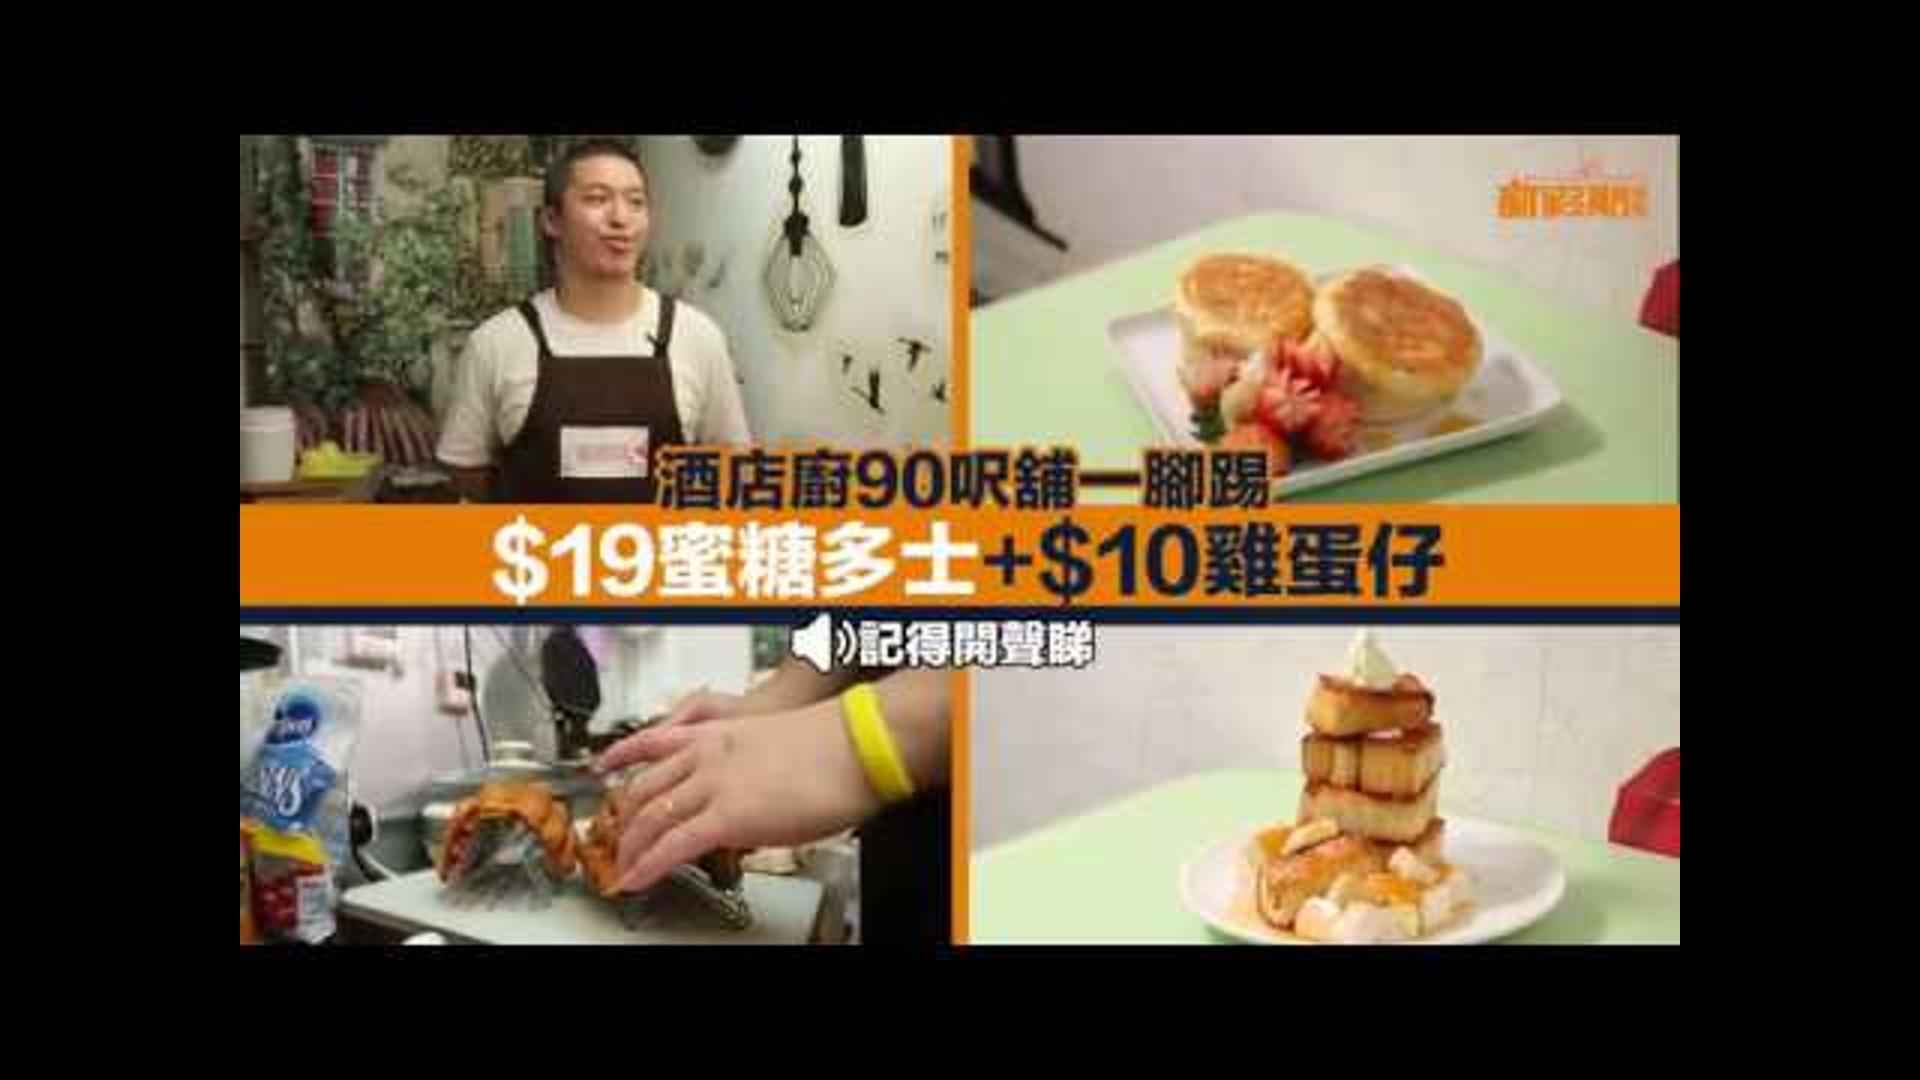 【出街搵食】酒店廚賣街頭甜品!$10雞蛋仔+$19蜜糖多士|土瓜灣掃街小食|